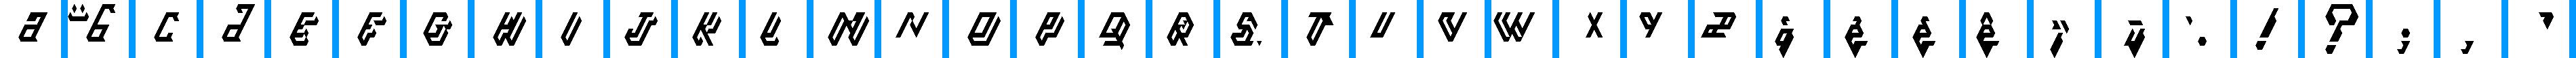 Particip-a-type v.50